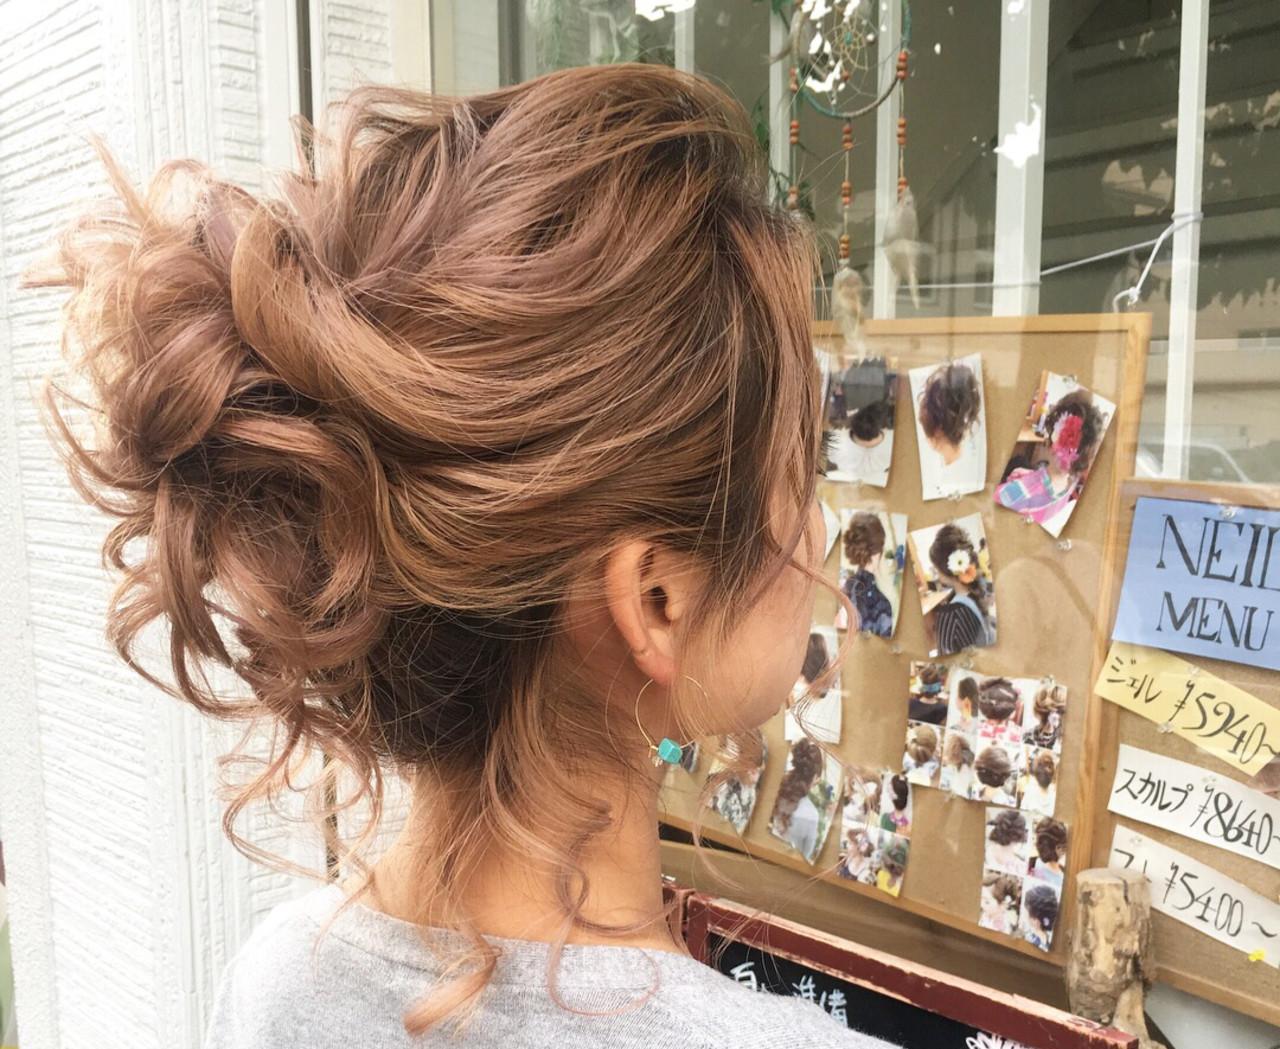 ヘアアレンジ デート ミディアム ナチュラル ヘアスタイルや髪型の写真・画像 | さとみ / e'clat